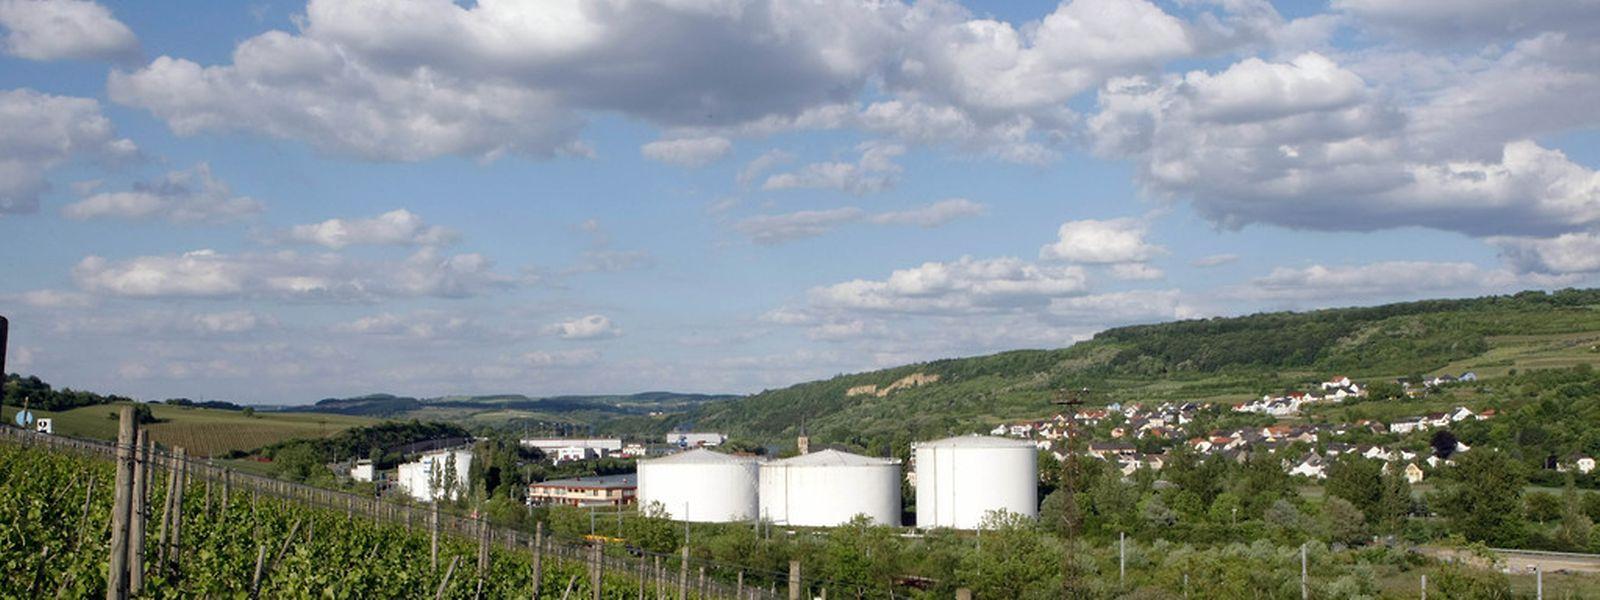 Die deutsche Gemeinde Temmels organisiert am Mittwochabend eine  Informationsversammlung zum Ausbau der Tanklager im Merterter Hafen.